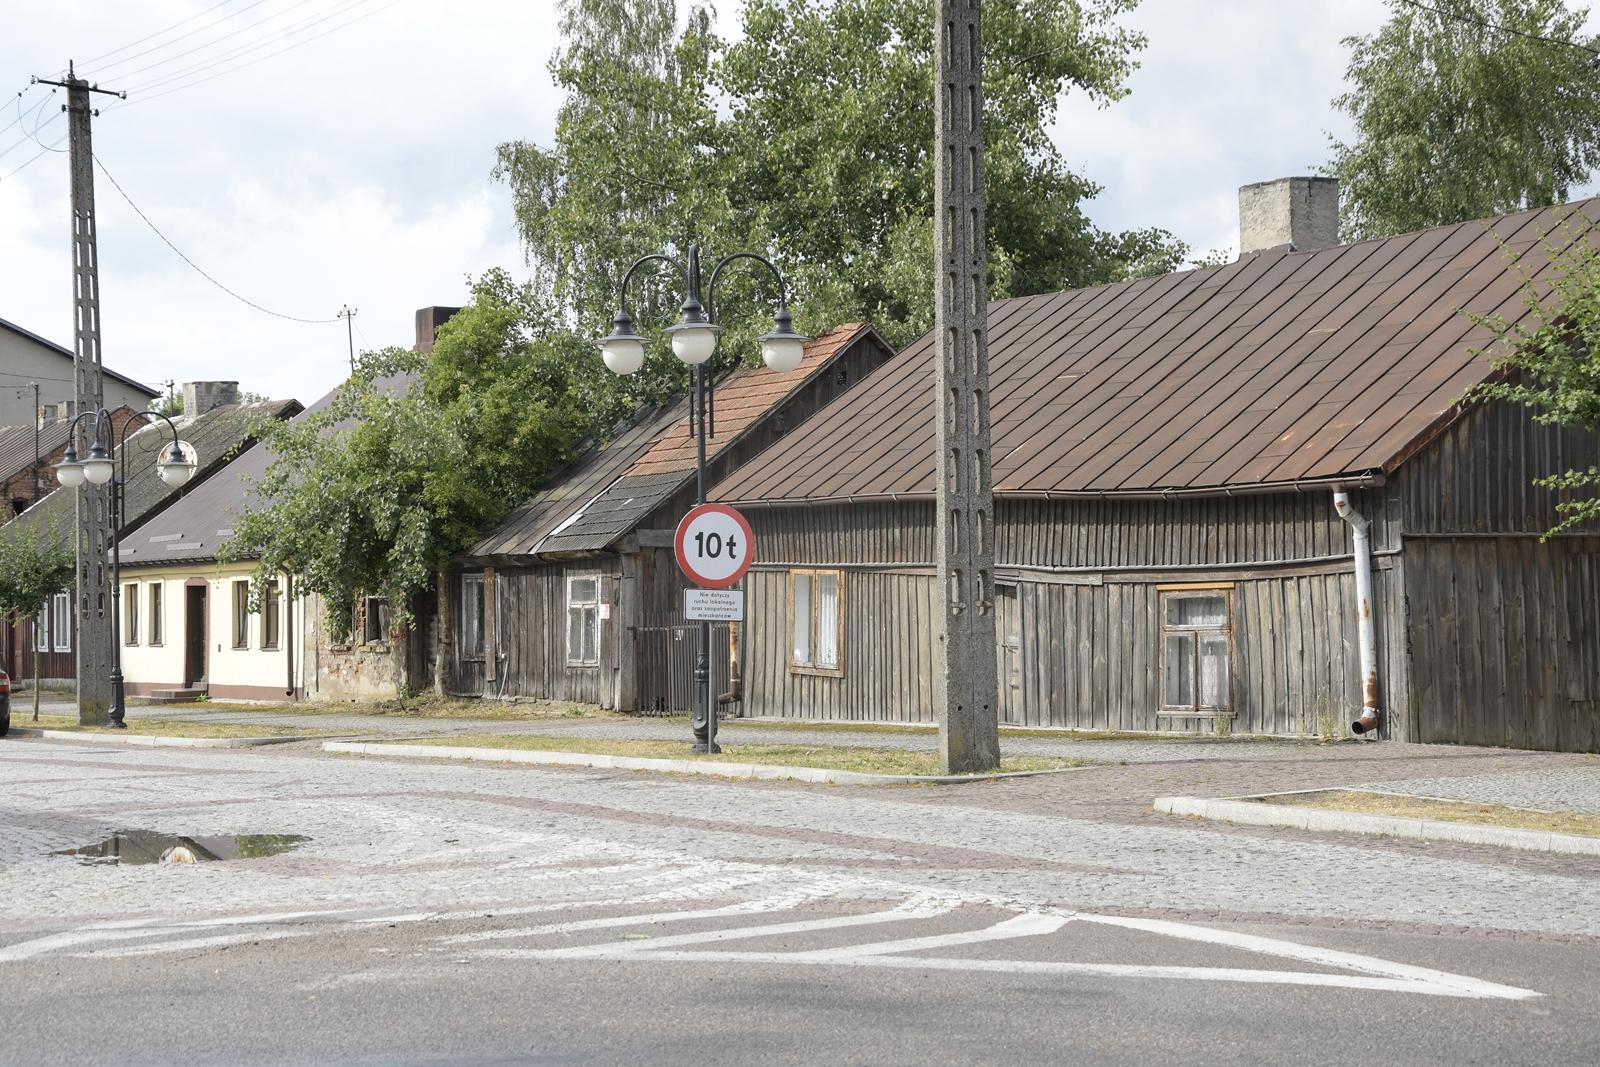 muzeum małego miasta w bieżuniu